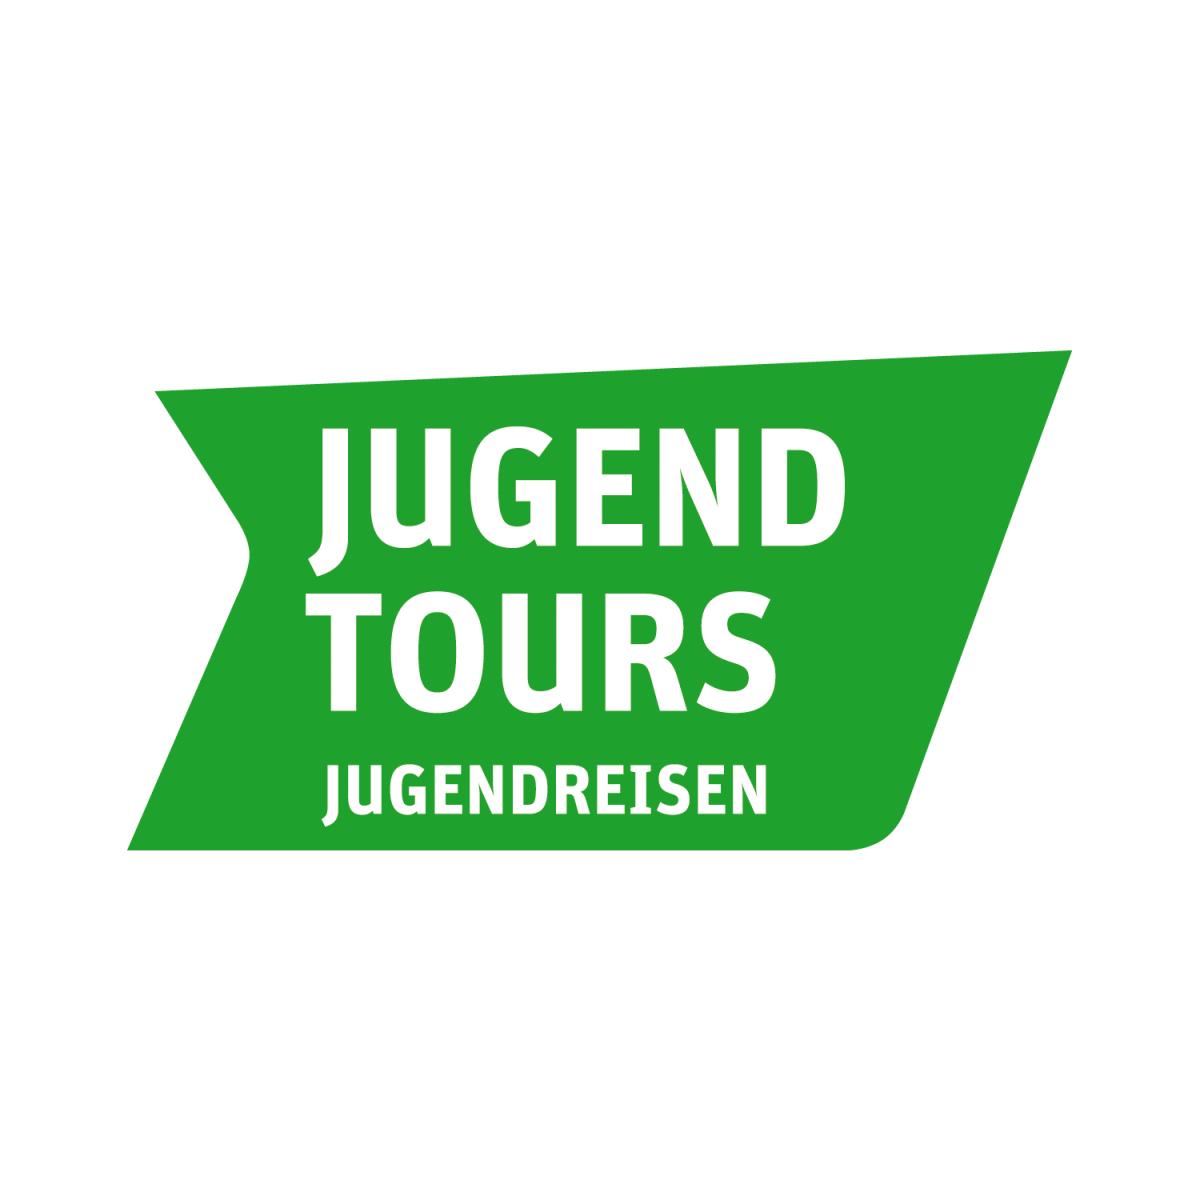 Jugendtours Jugendreisen